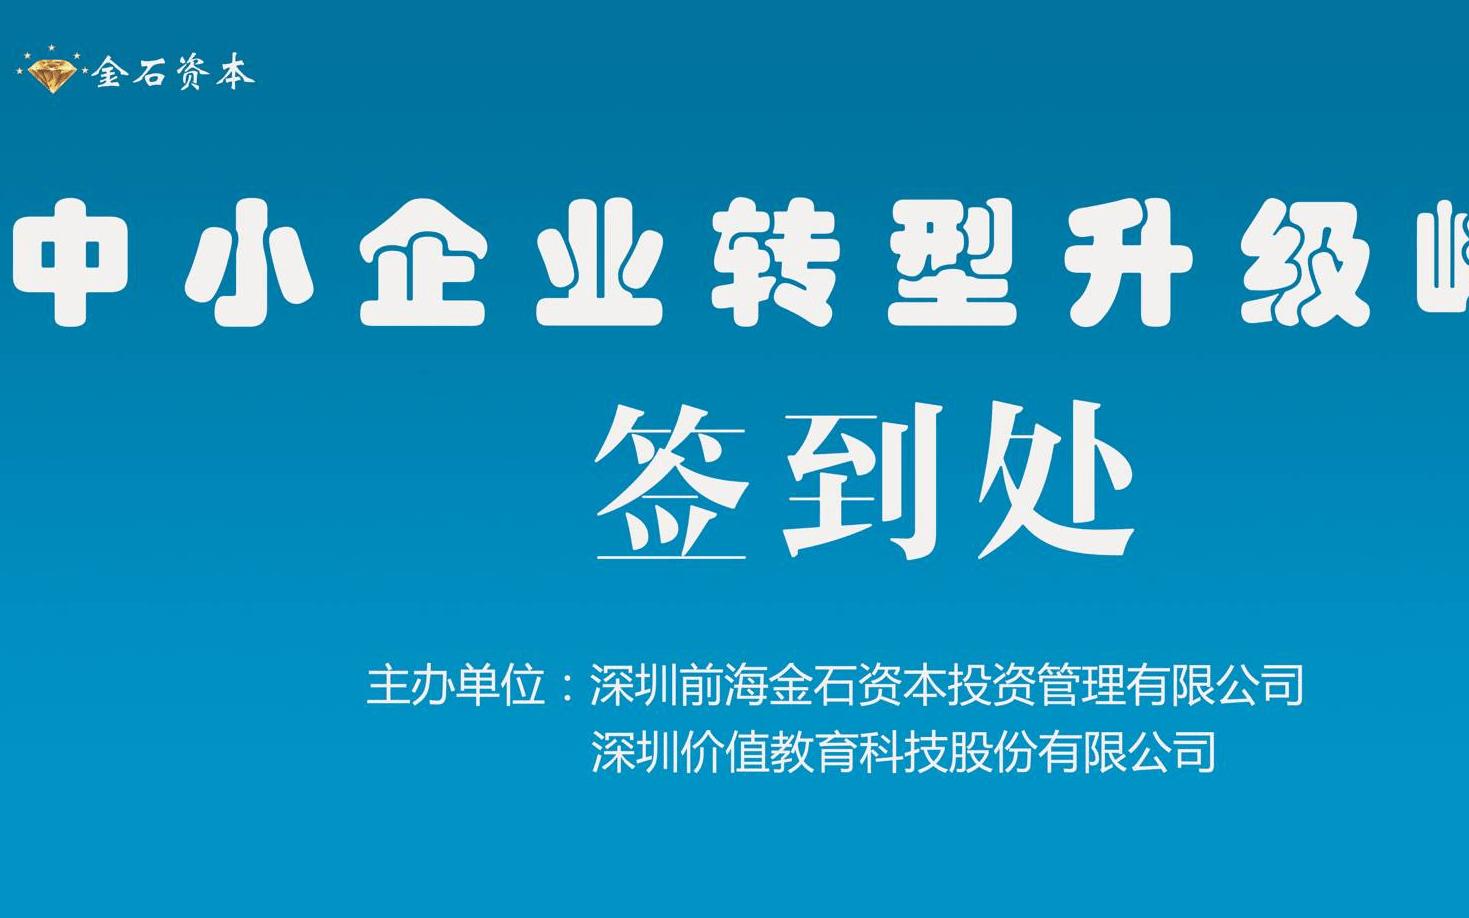 2019中國企業轉型升級與投融資對接峰會(北京)